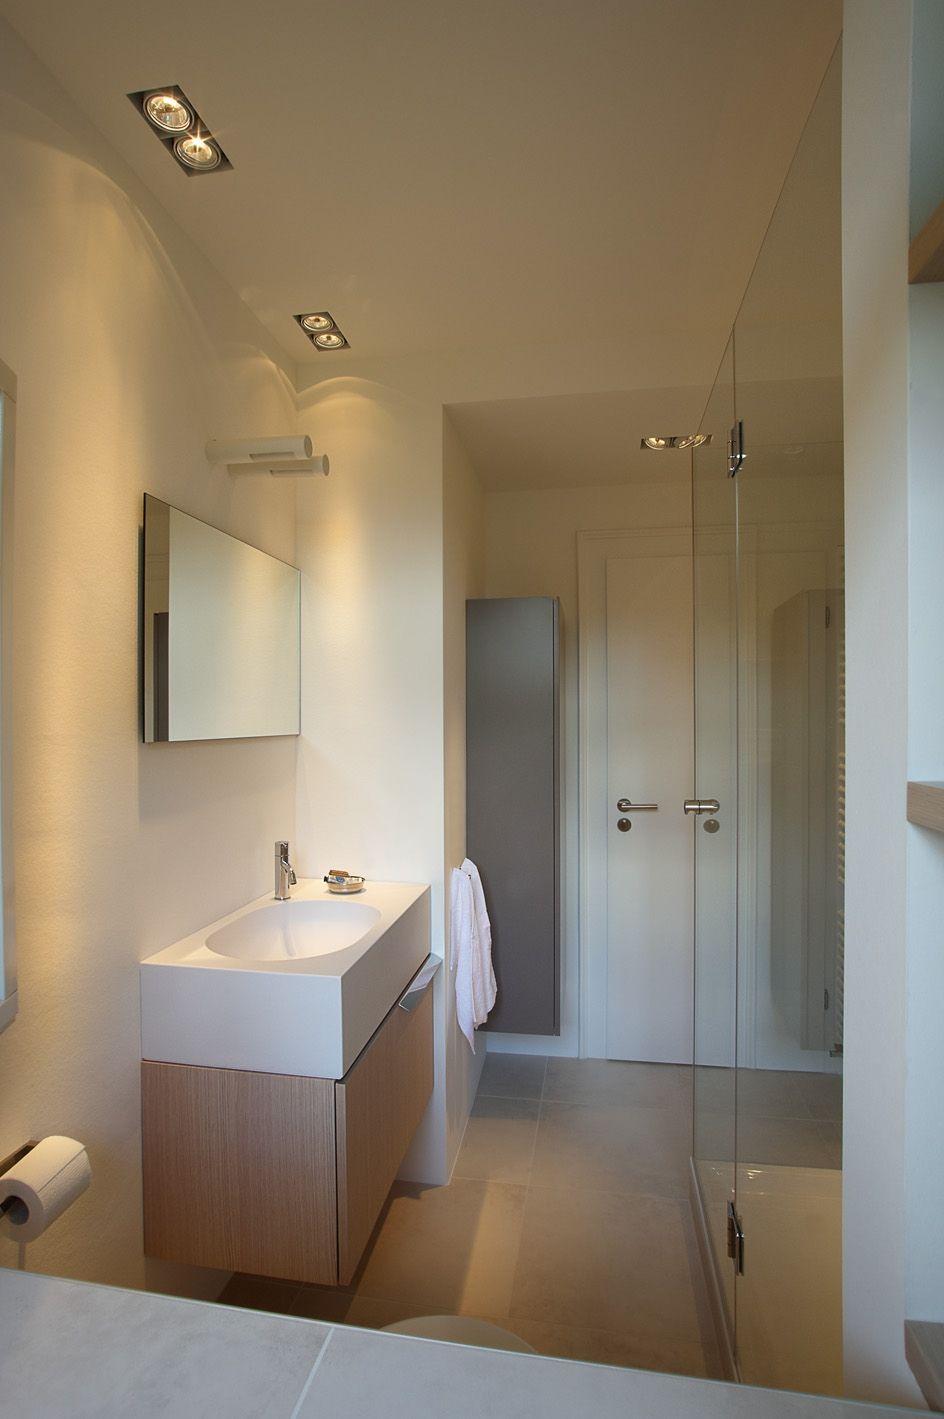 Bad Auf 4 5 Qm Badezimmer M Badezimmer Bad